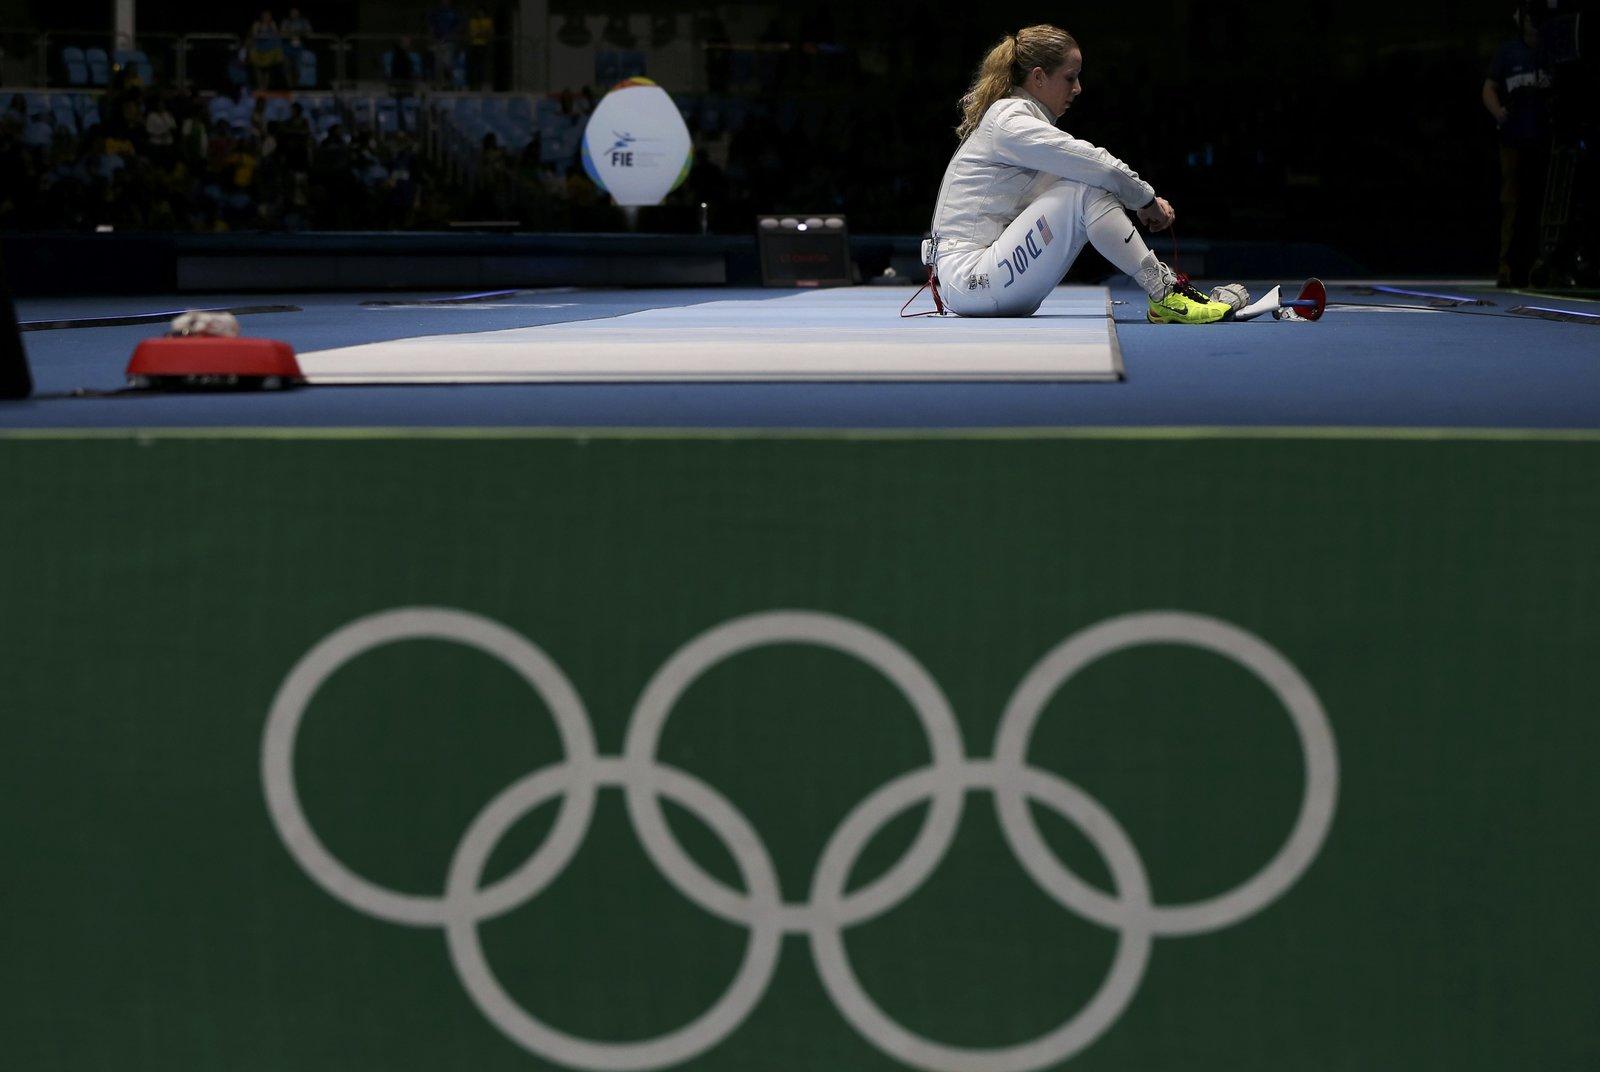 奧運夢醒,不少健兒回到現實,需要重新面對生計壓力,甚至一身負債。圖片來源:路透社